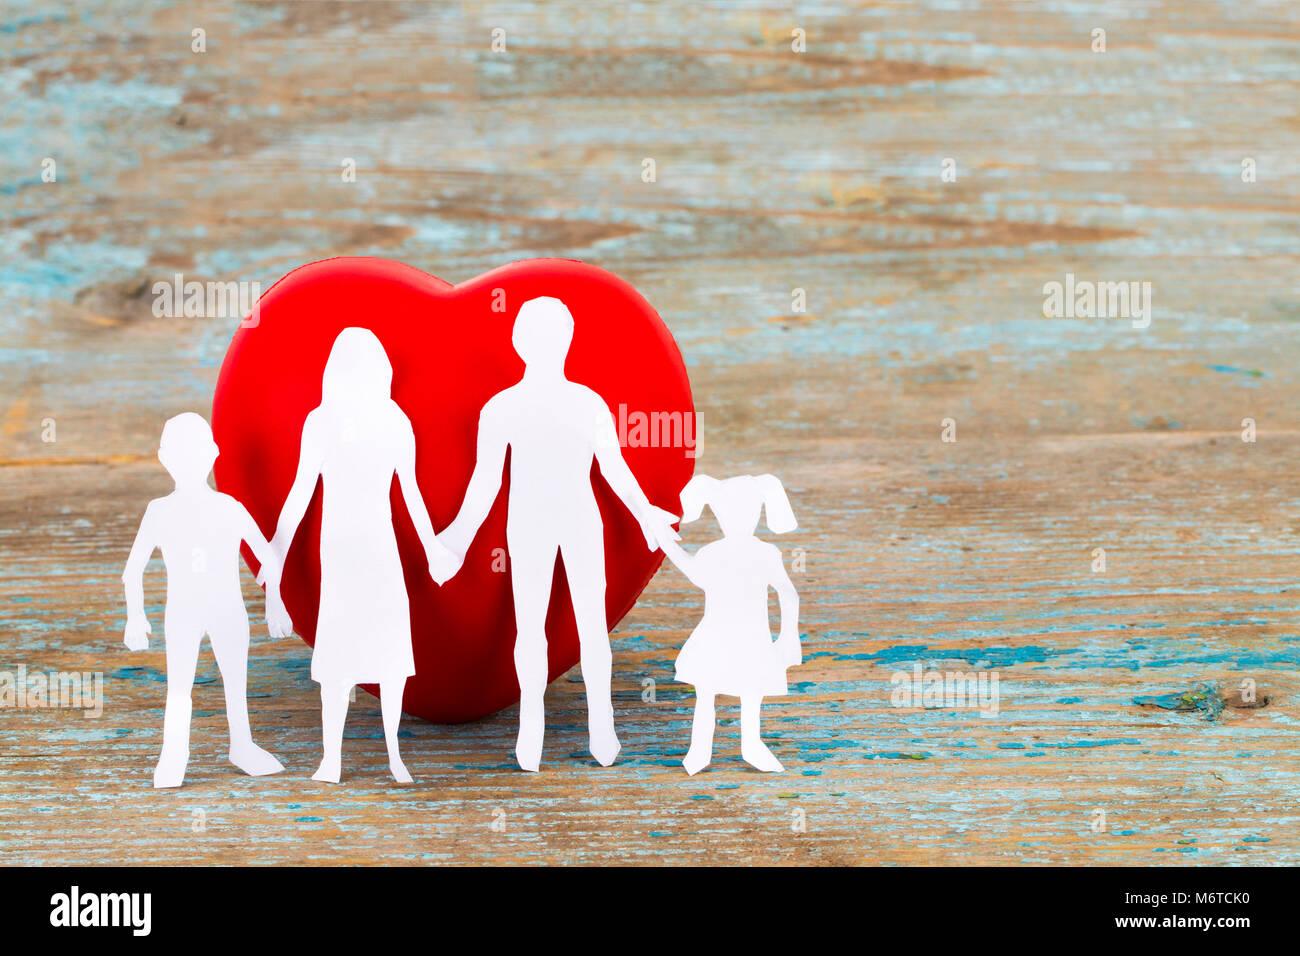 Silhouette de papier de famille et coeur sur fond de bois. Assurance santé concept avec copie espace. Photo Stock